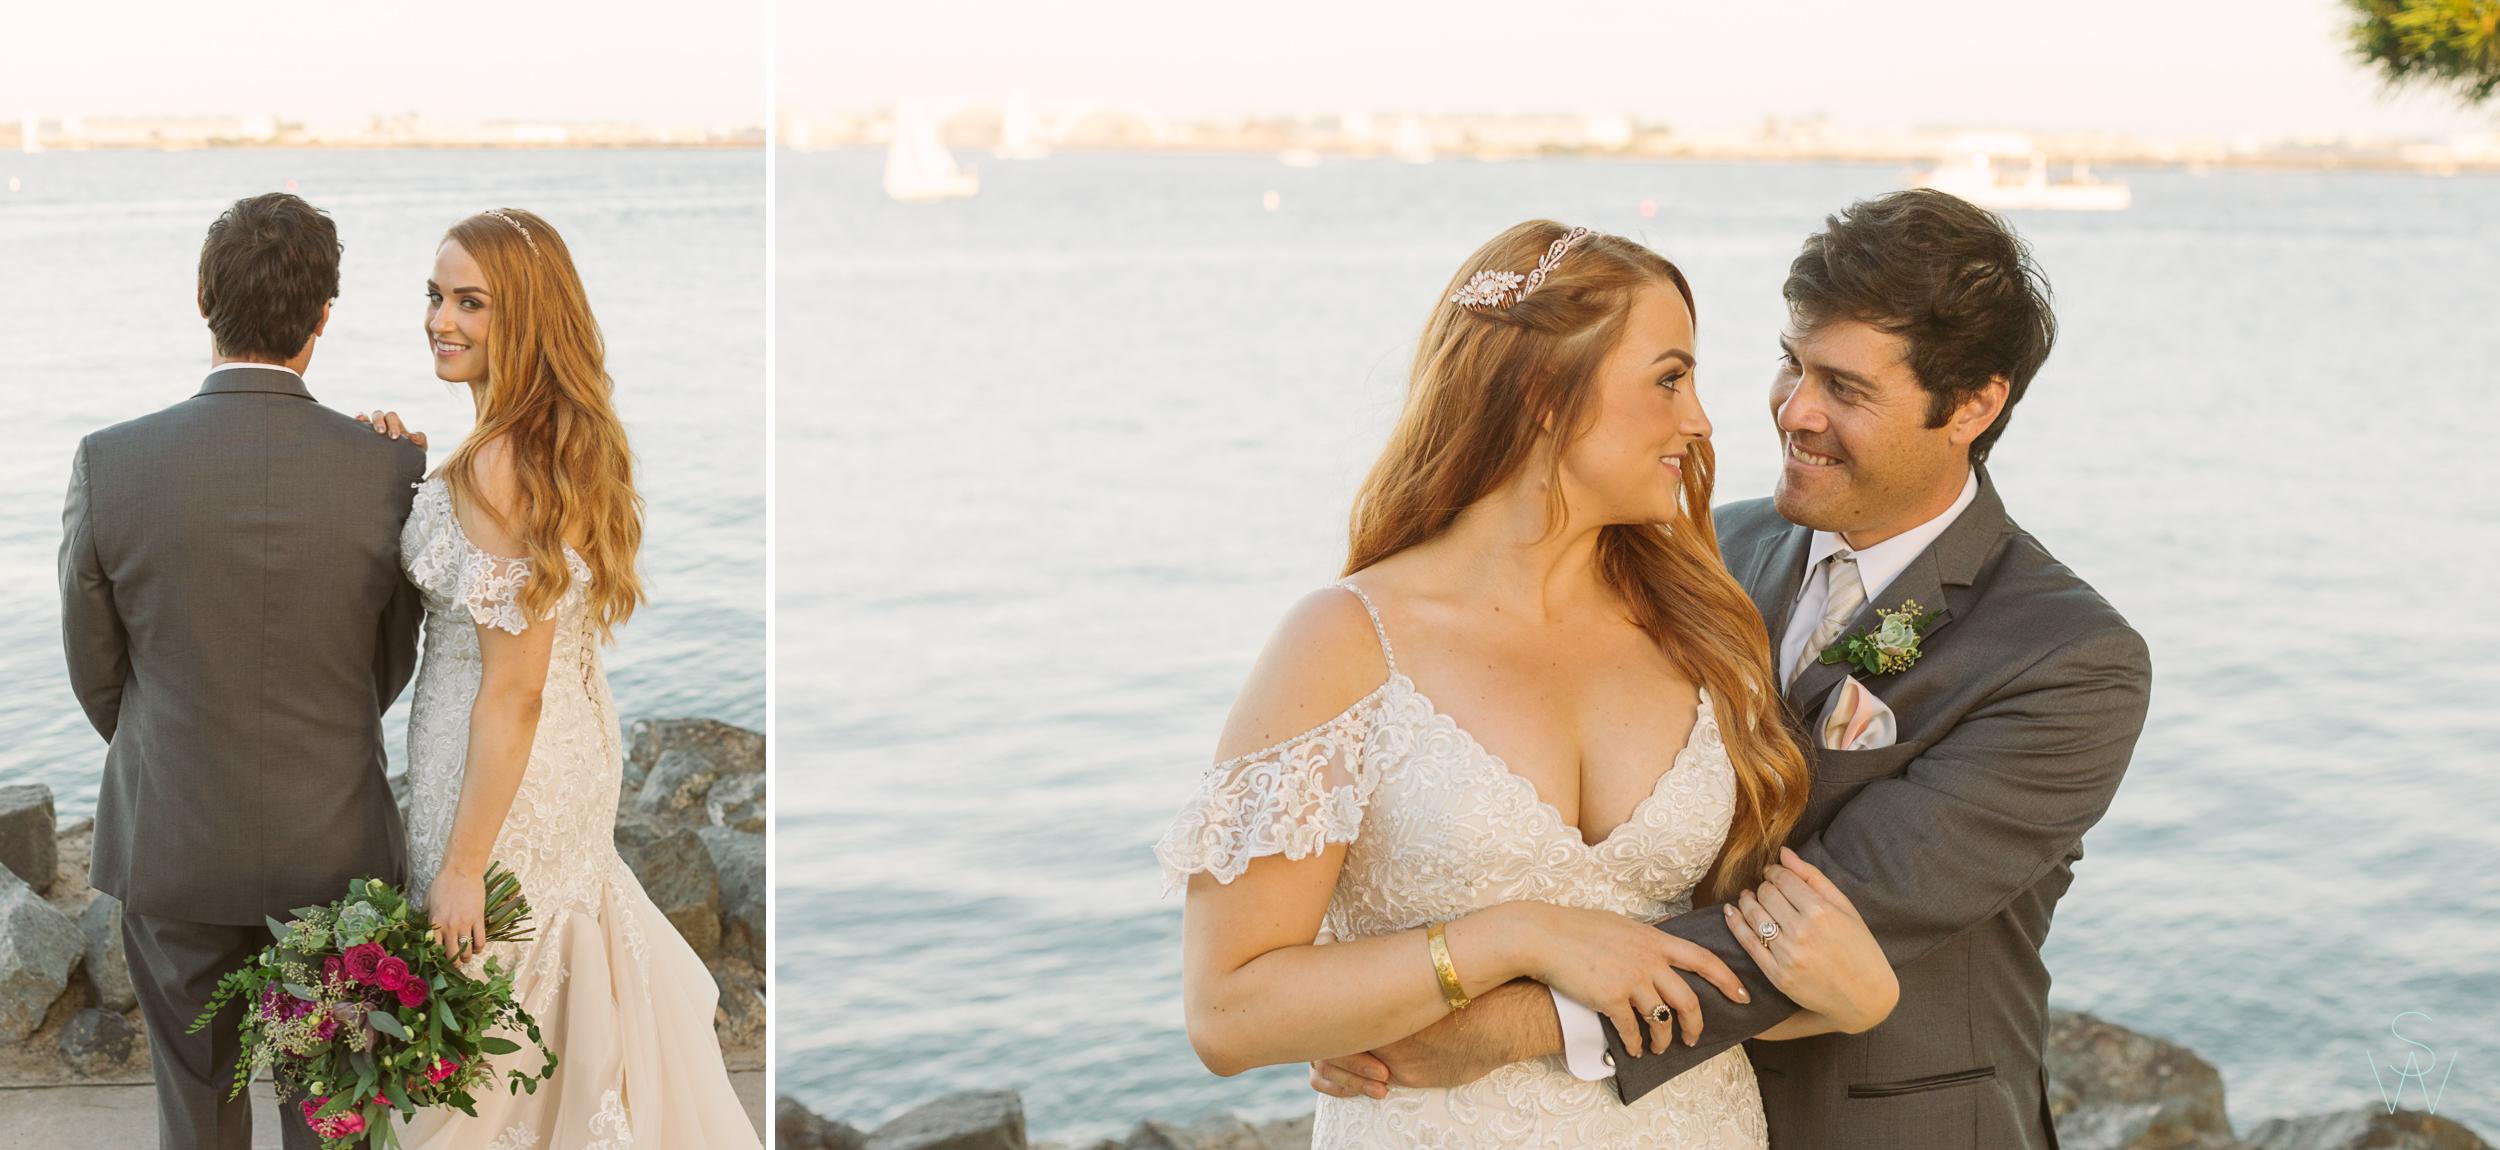 165San.diego.wedding.shewanders.photography.JPG